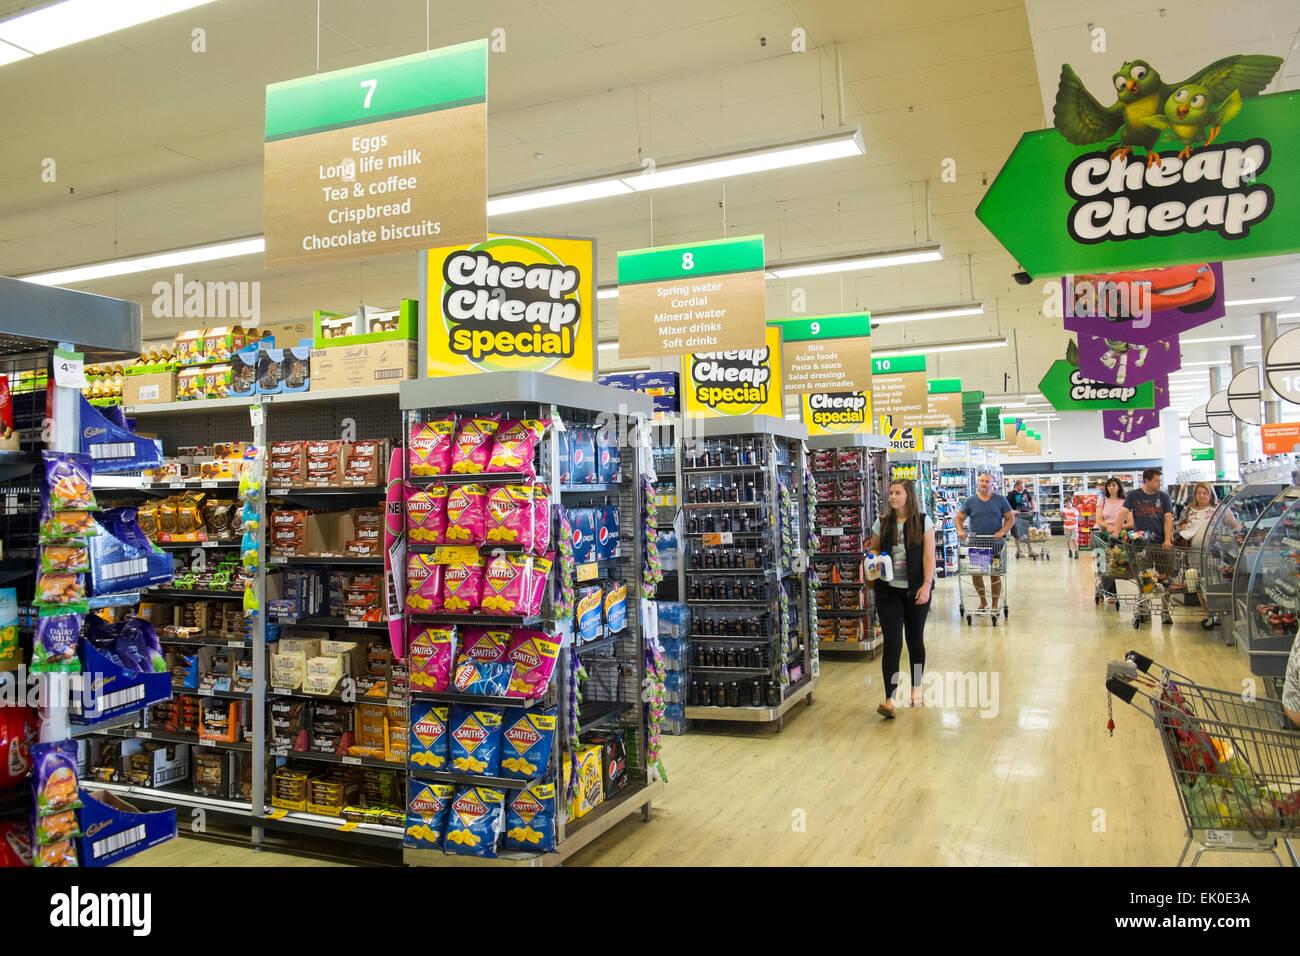 Australisch Familie Interieur : Australische woolworth supermarkt interieur in sydney australien